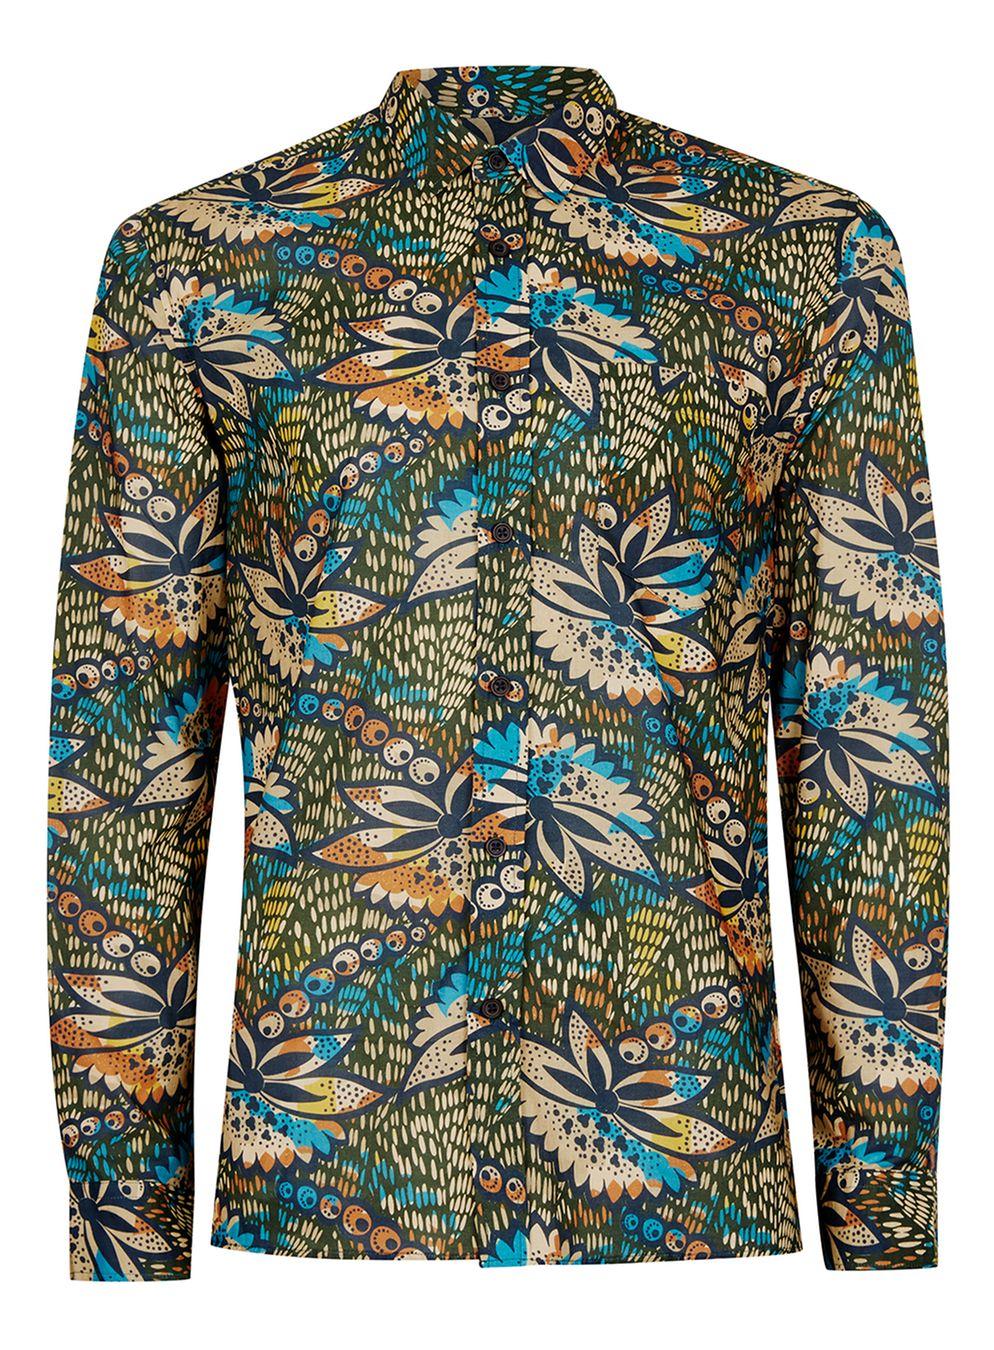 Topman Floral Drape shirt